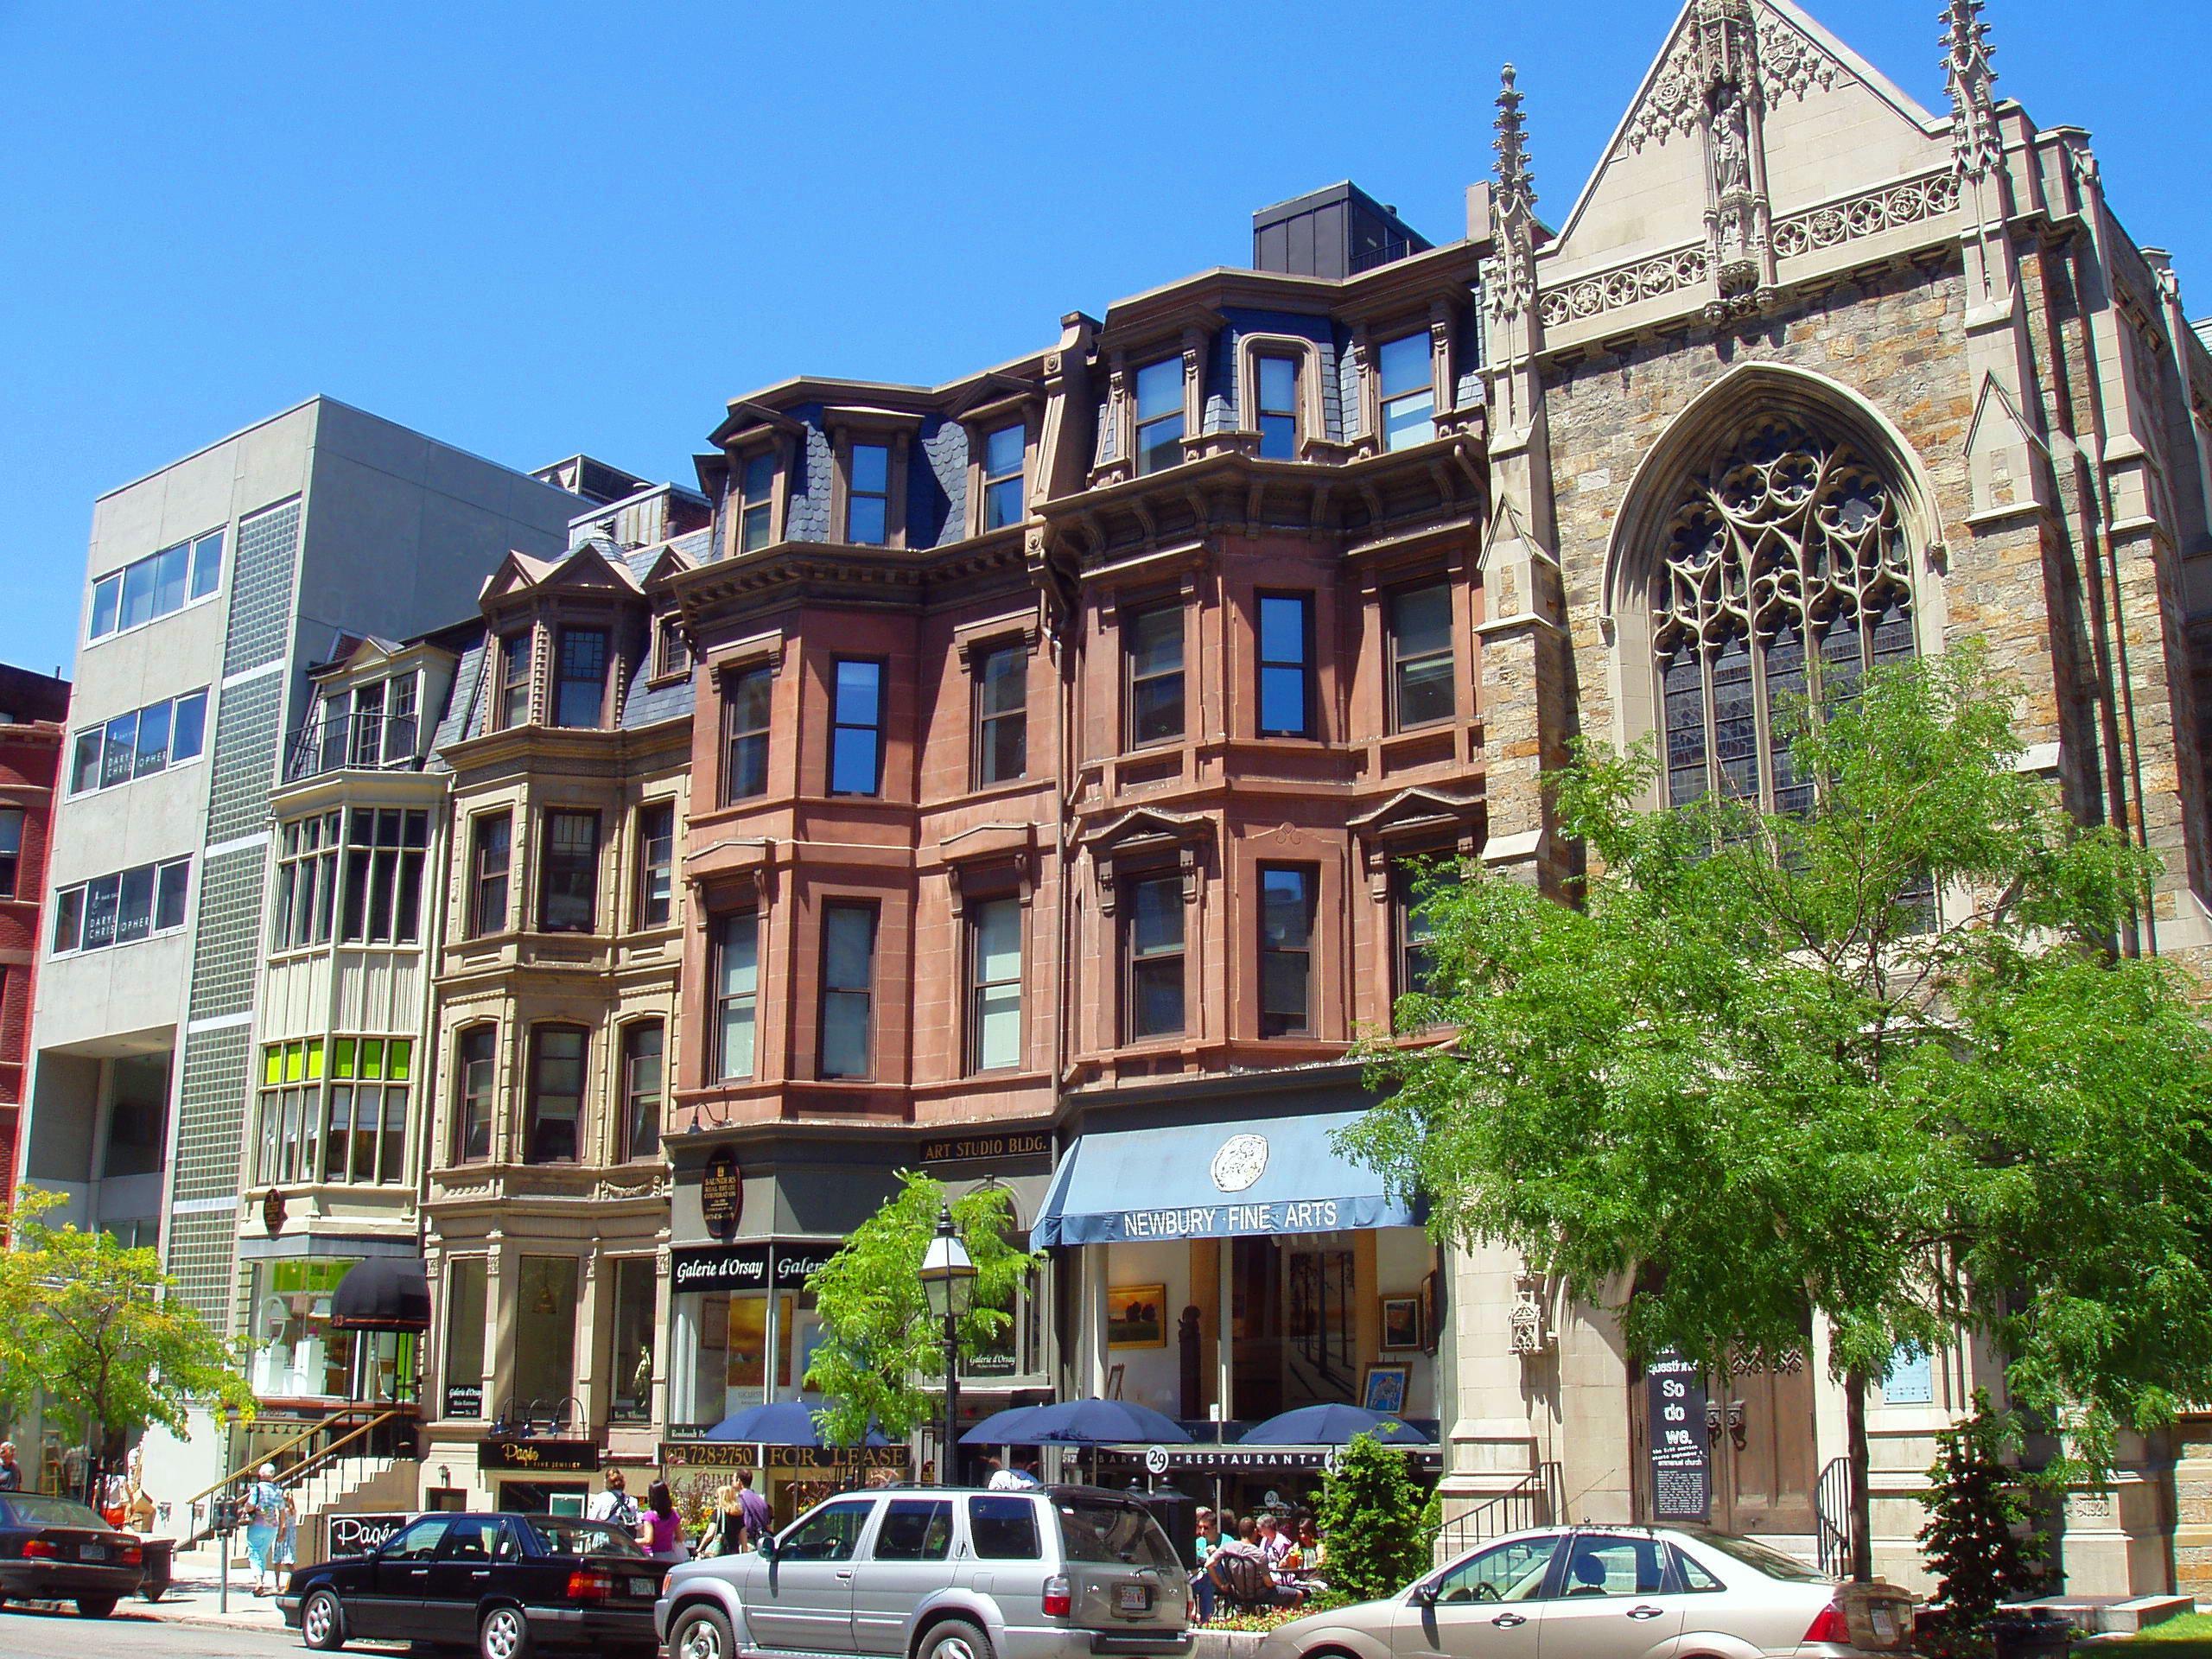 Newbury Street Wikipedia